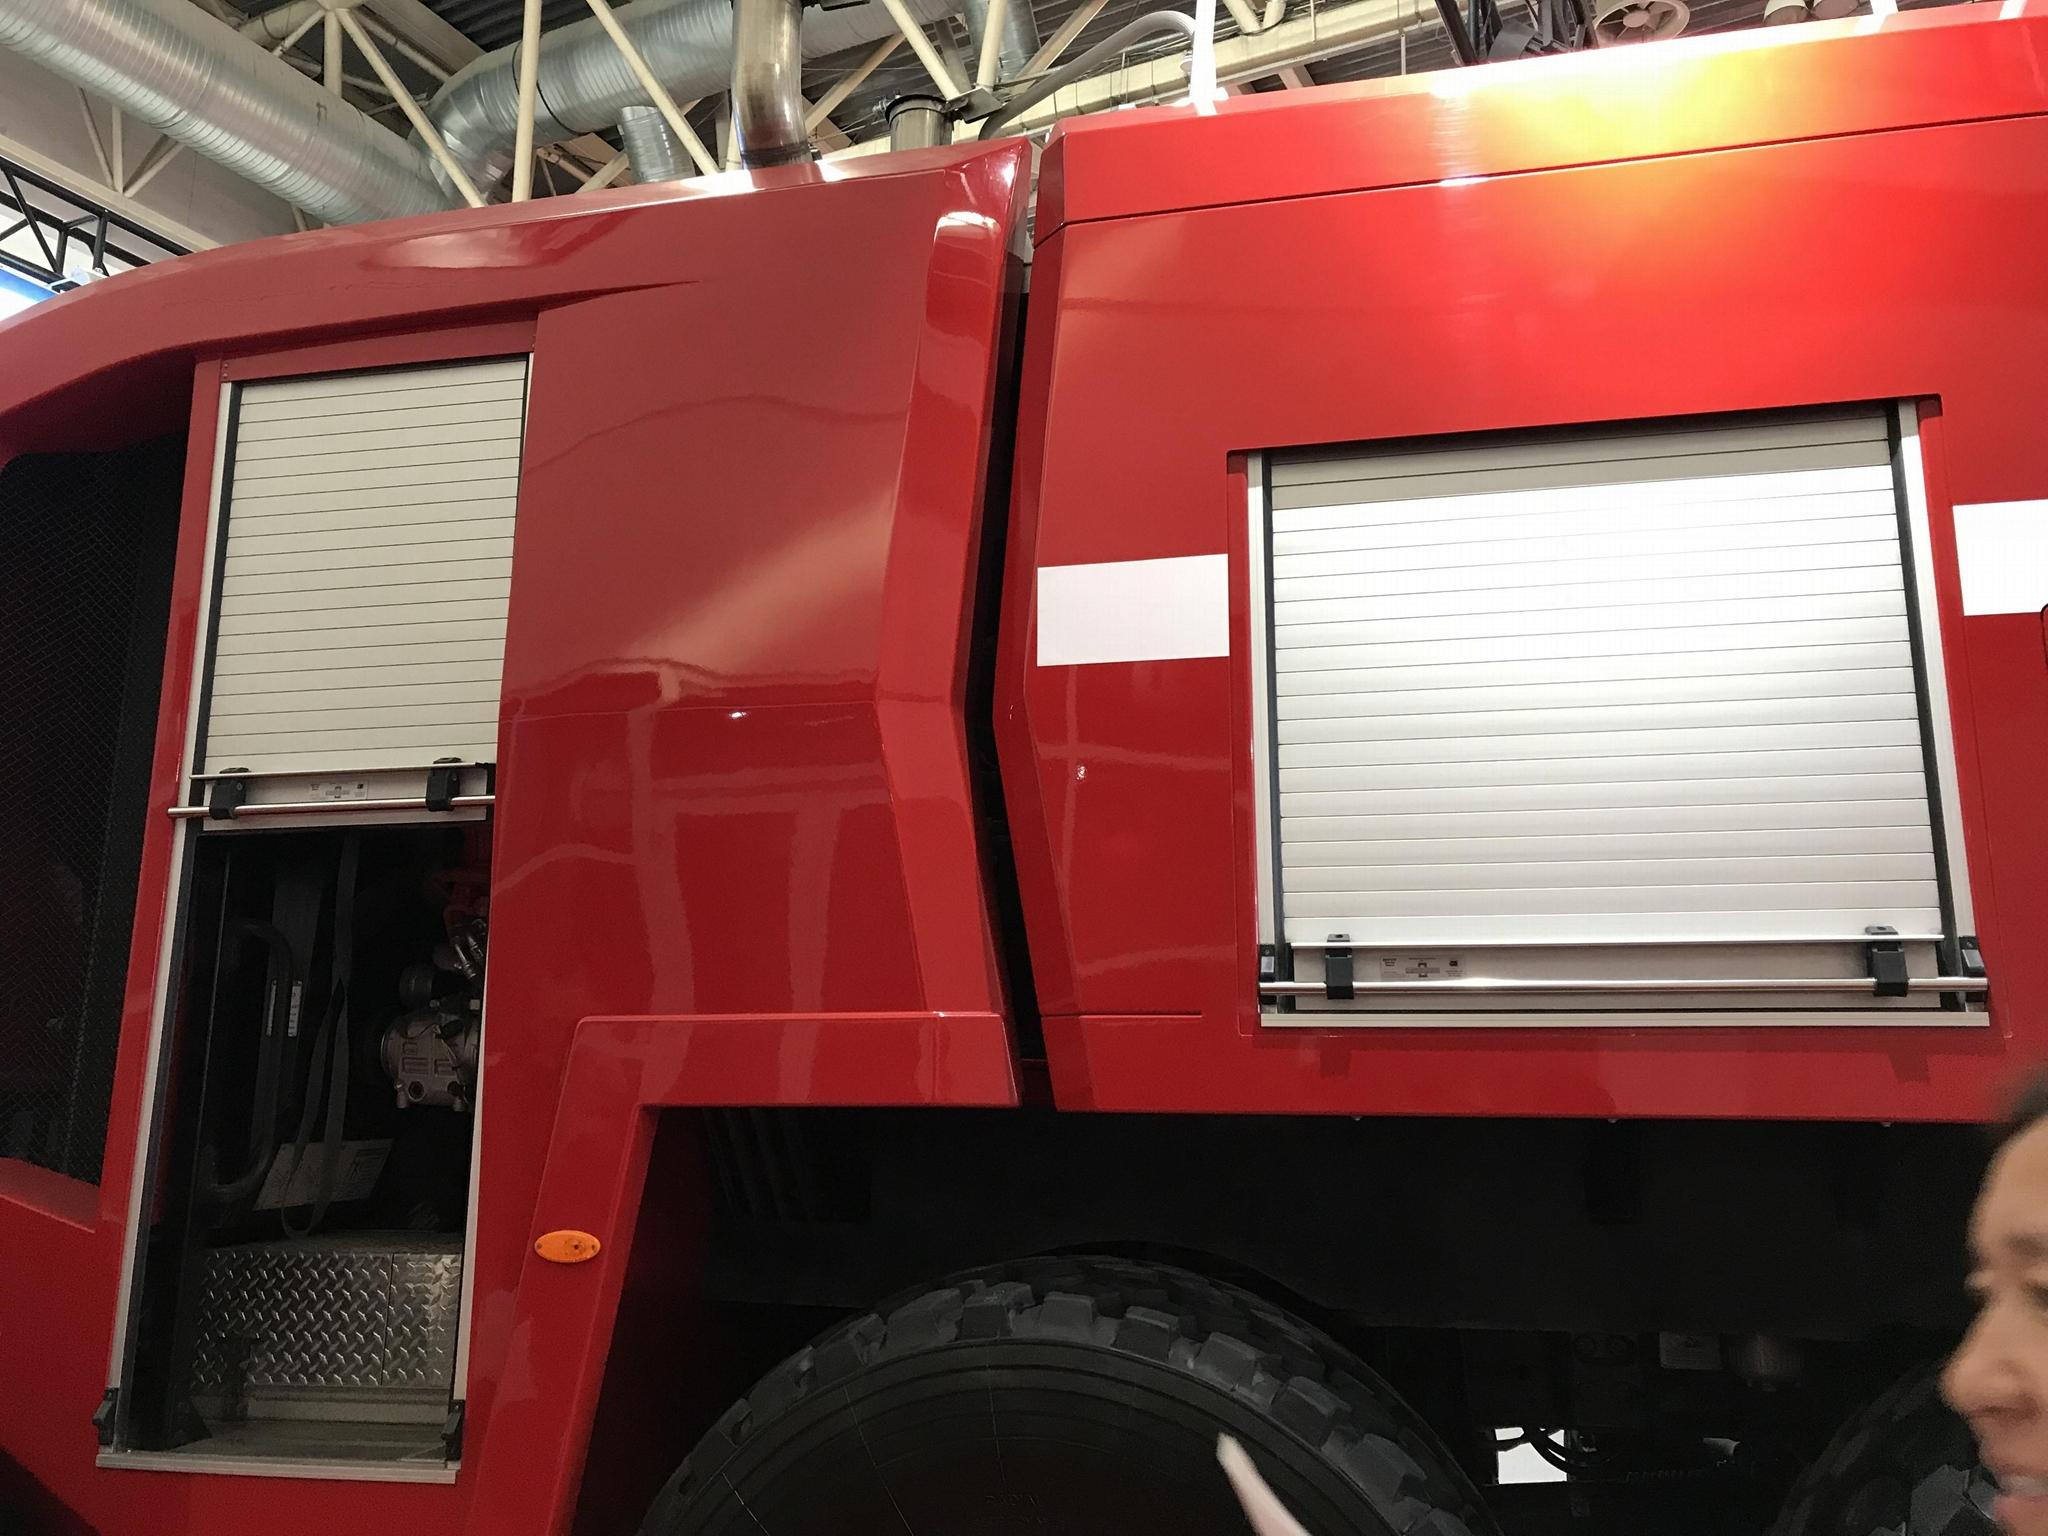 Security Proofing Aluminum Roller Door Blind for Fire Vehicle 7